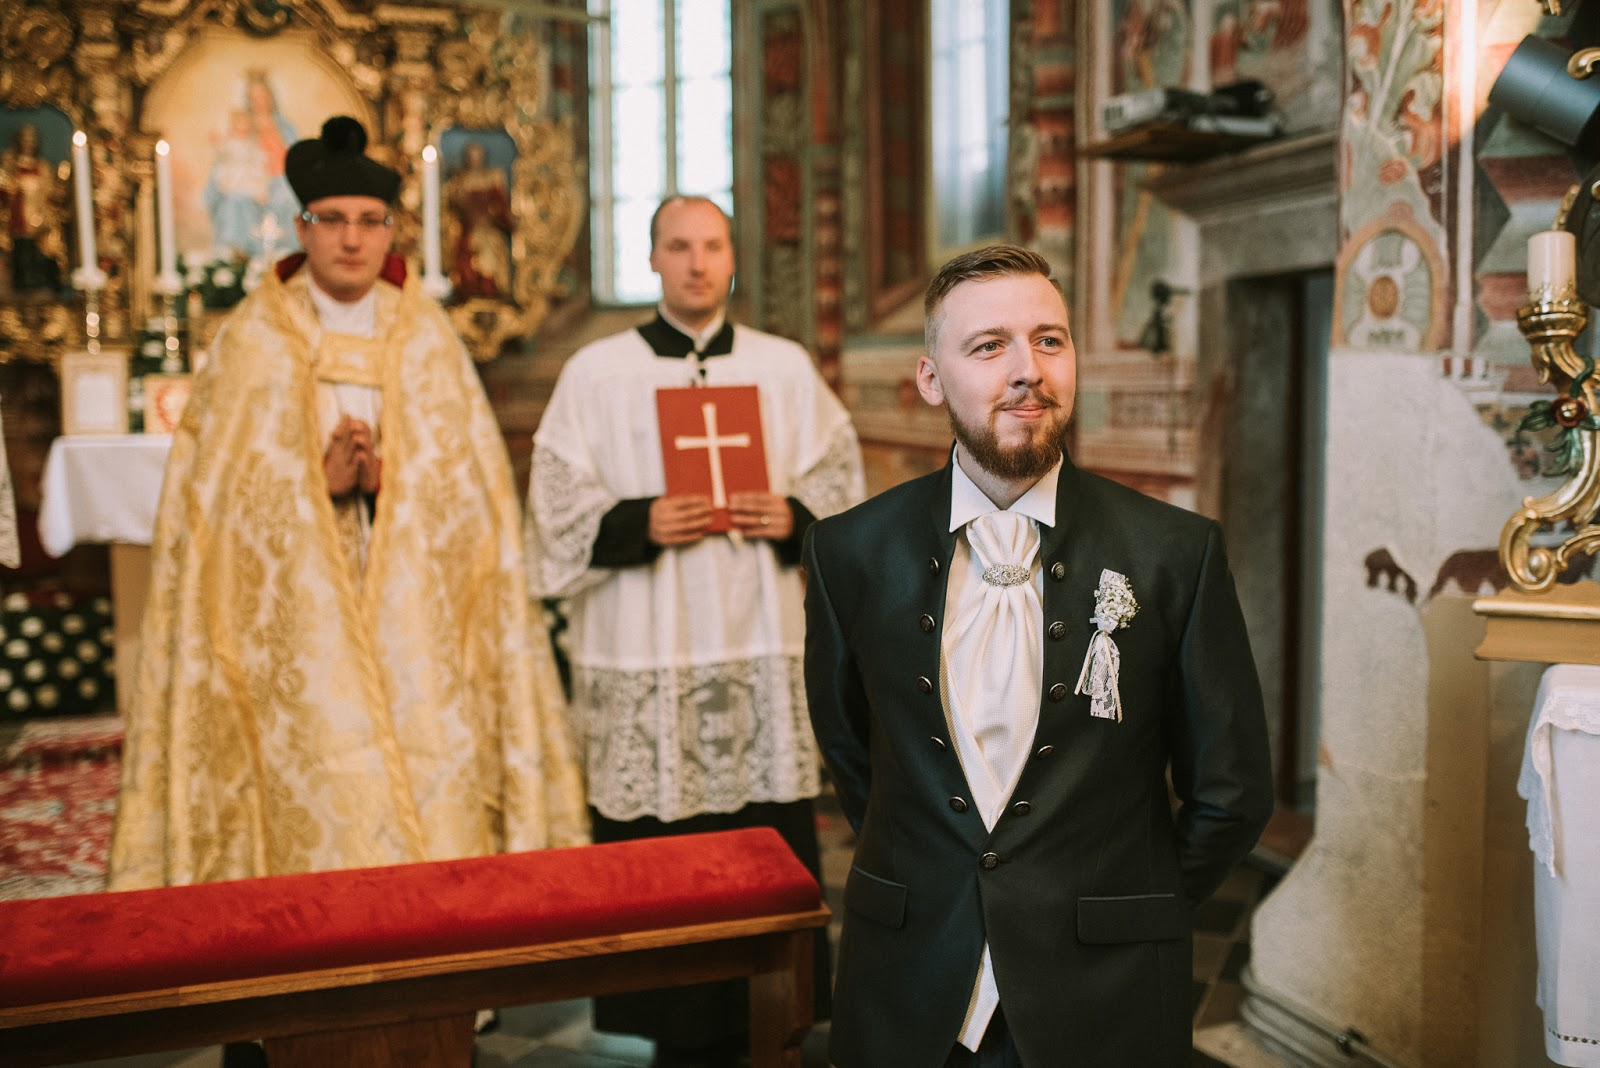 Poroka s tradicionalno latinsko sveto mašo, Suha pri Škofji Loki, 21. 5. 2016